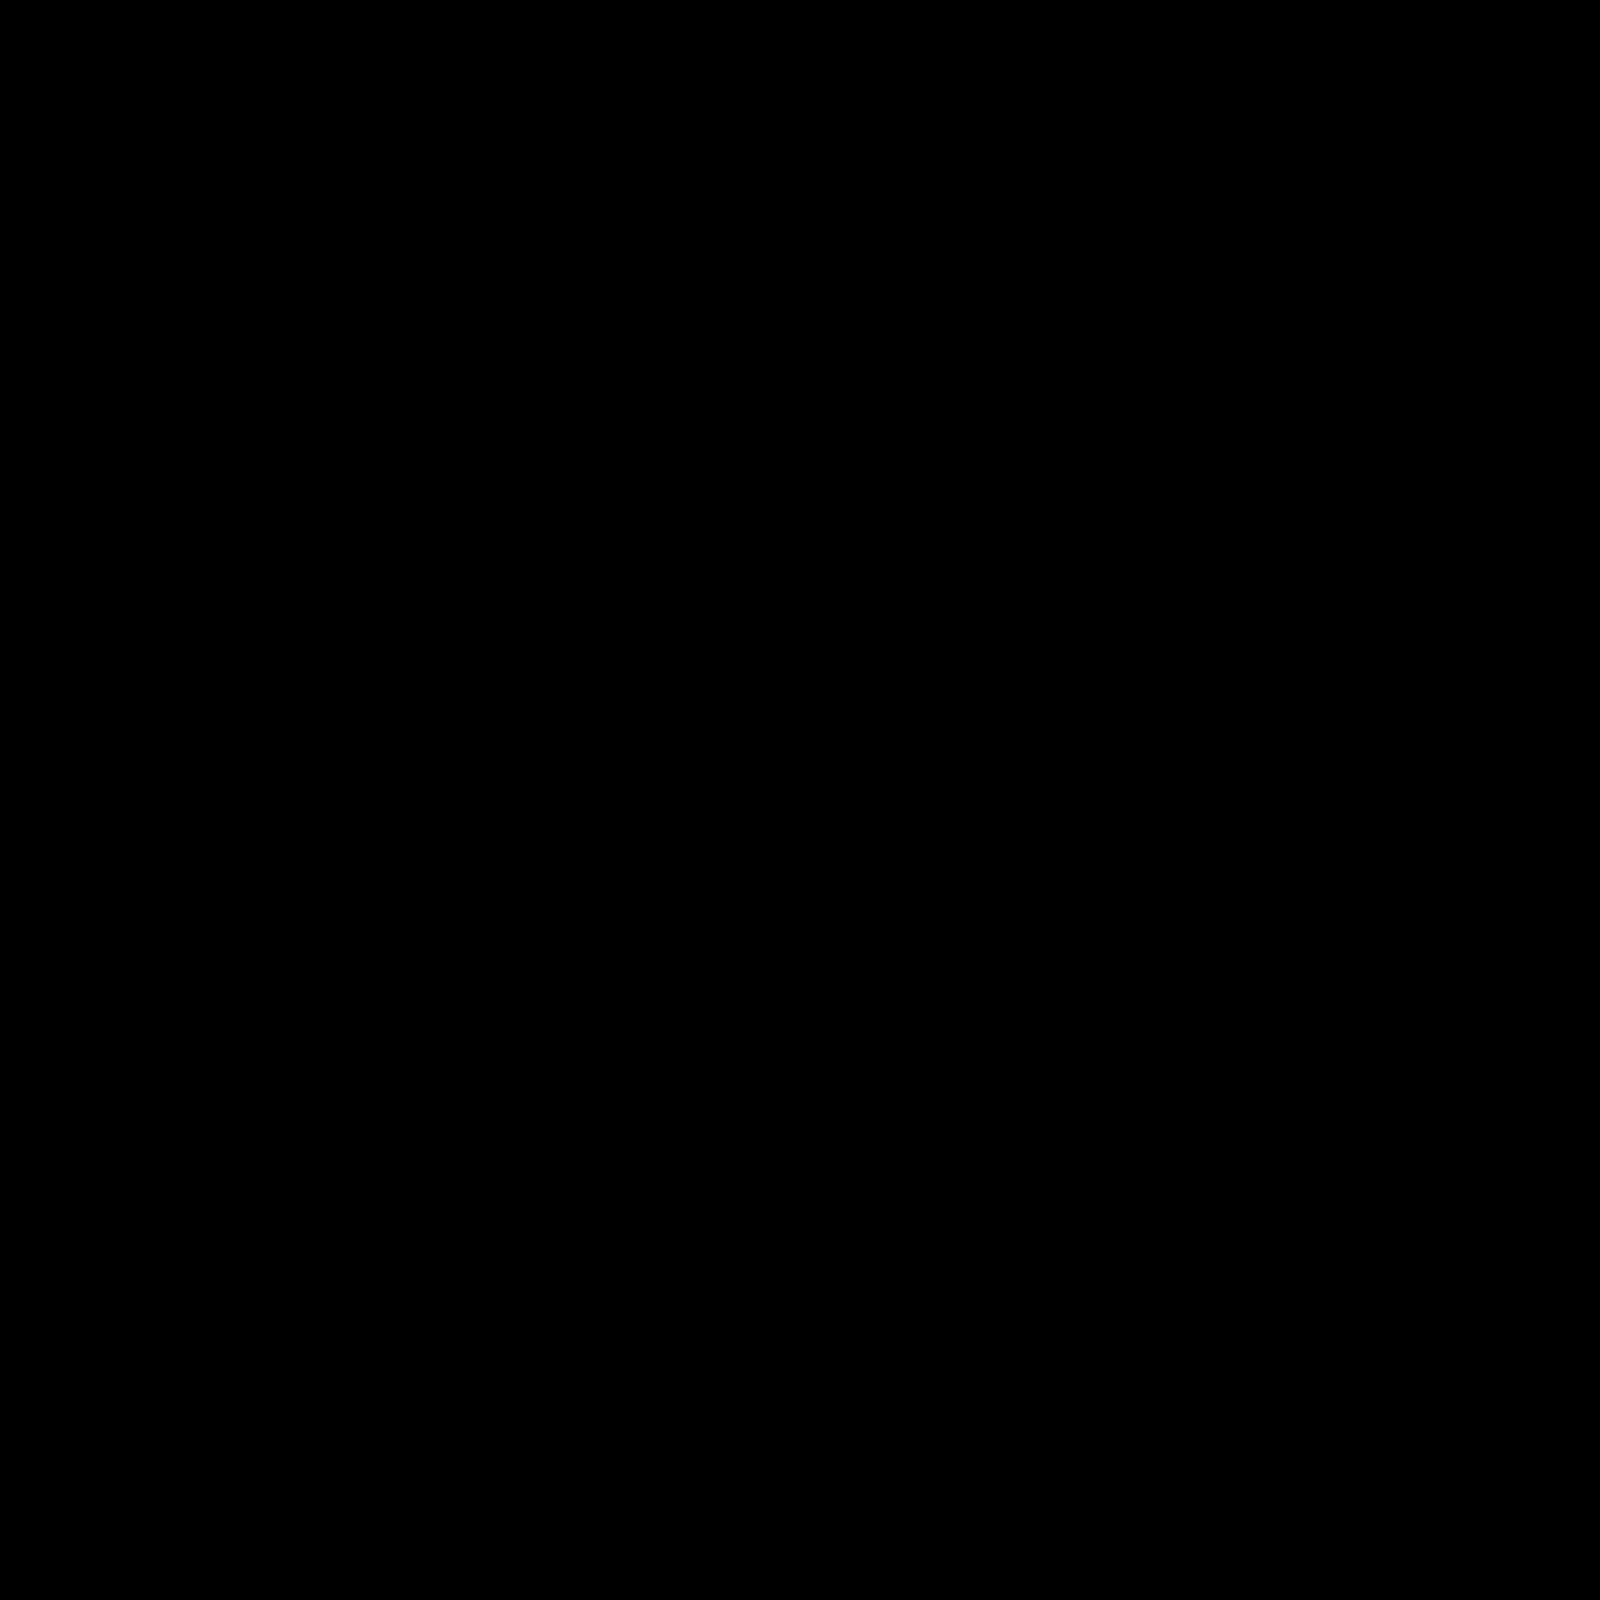 File Delete Filled icon